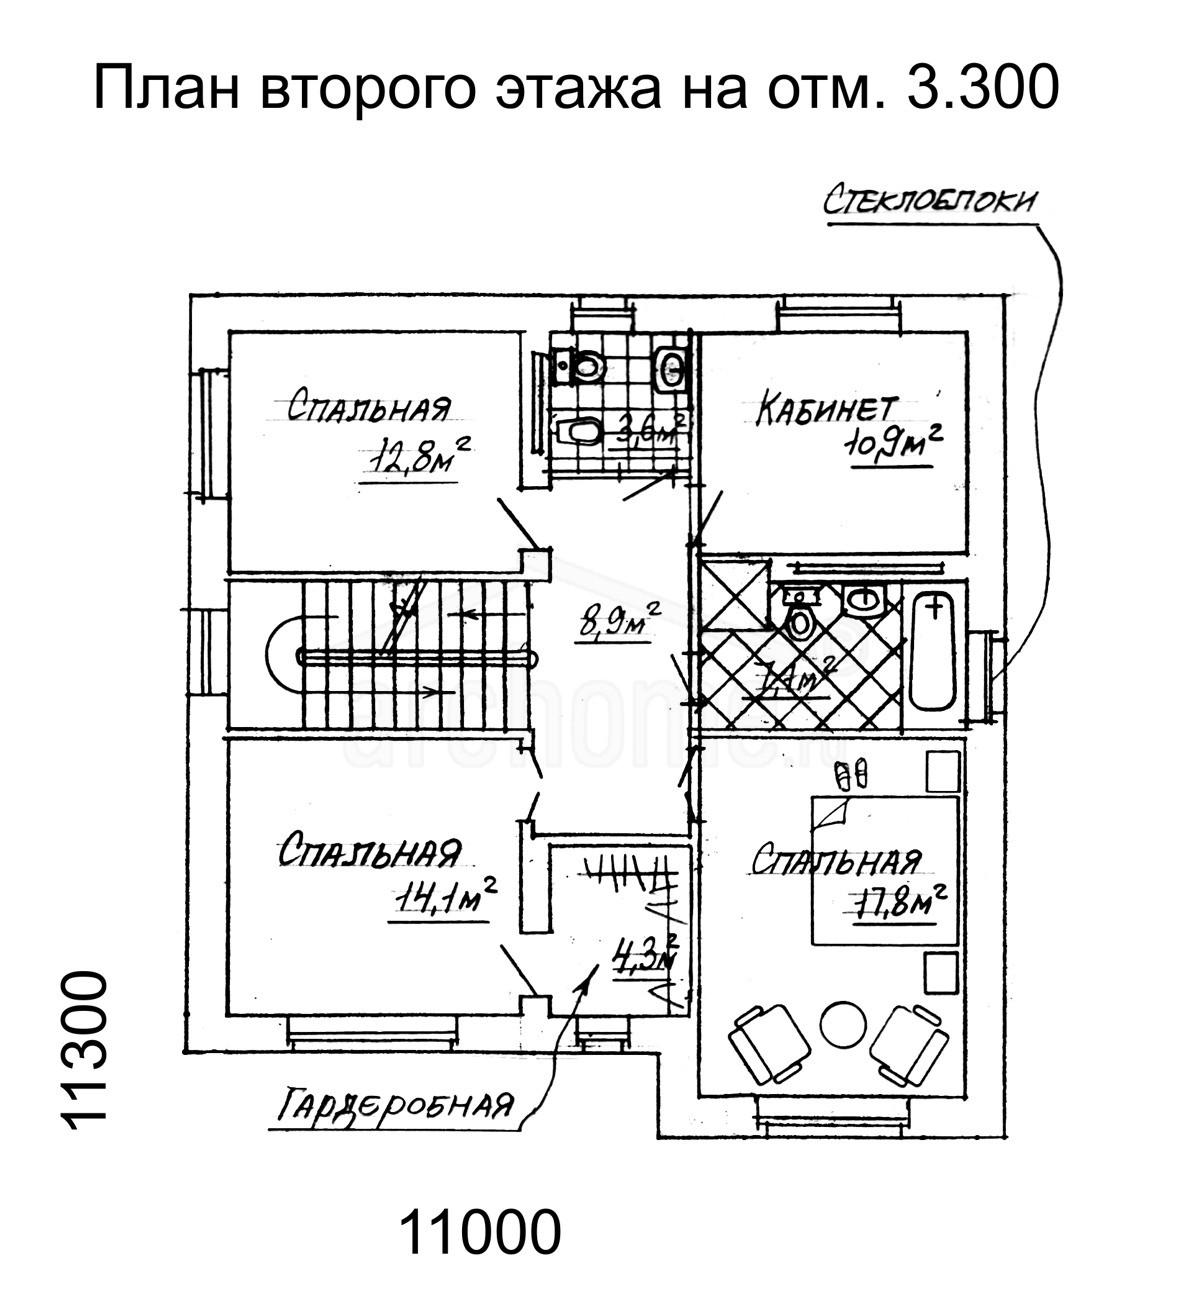 Планы этажей проекта БЕГОНИЯ 2